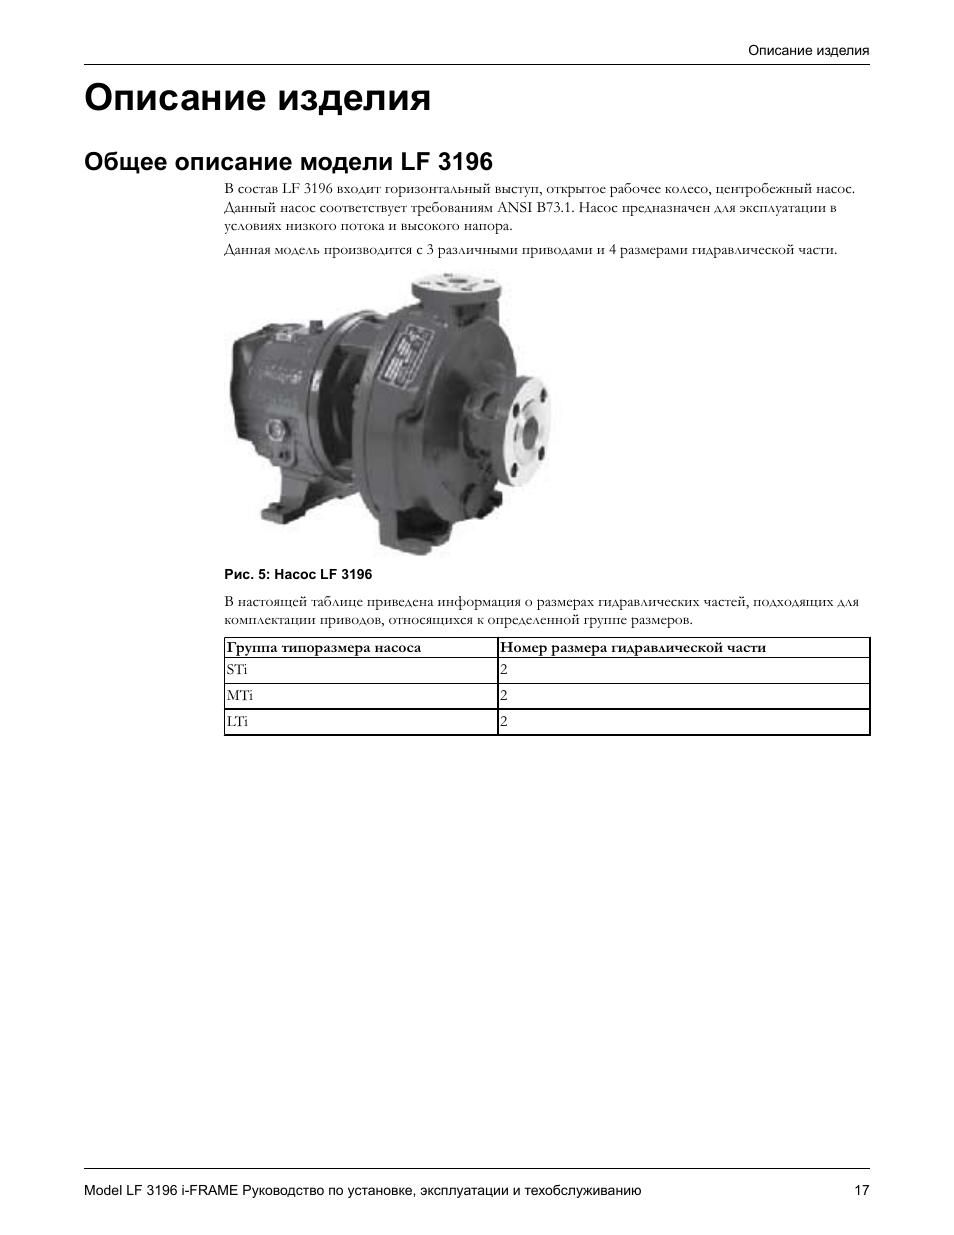 Описание изделия, Общее описание модели lf 3196 | Инструкция